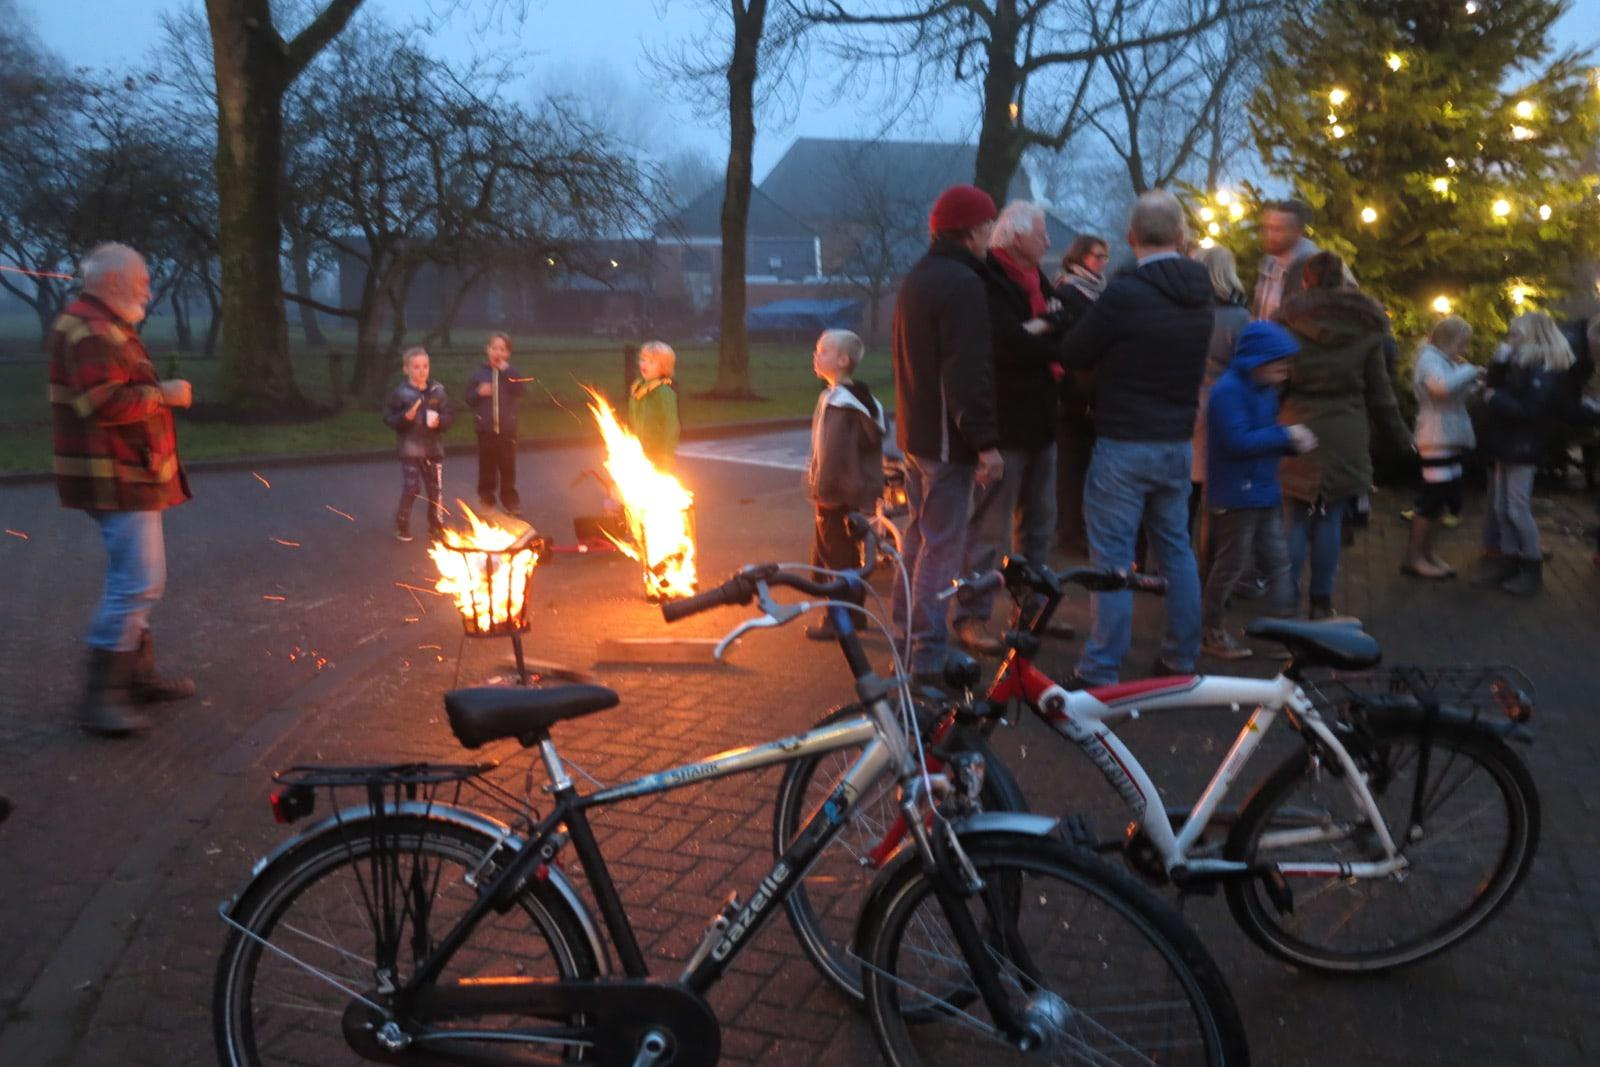 et-fiets-en-fietser-121-kerstboom-op-smidshouk-oi.jpg